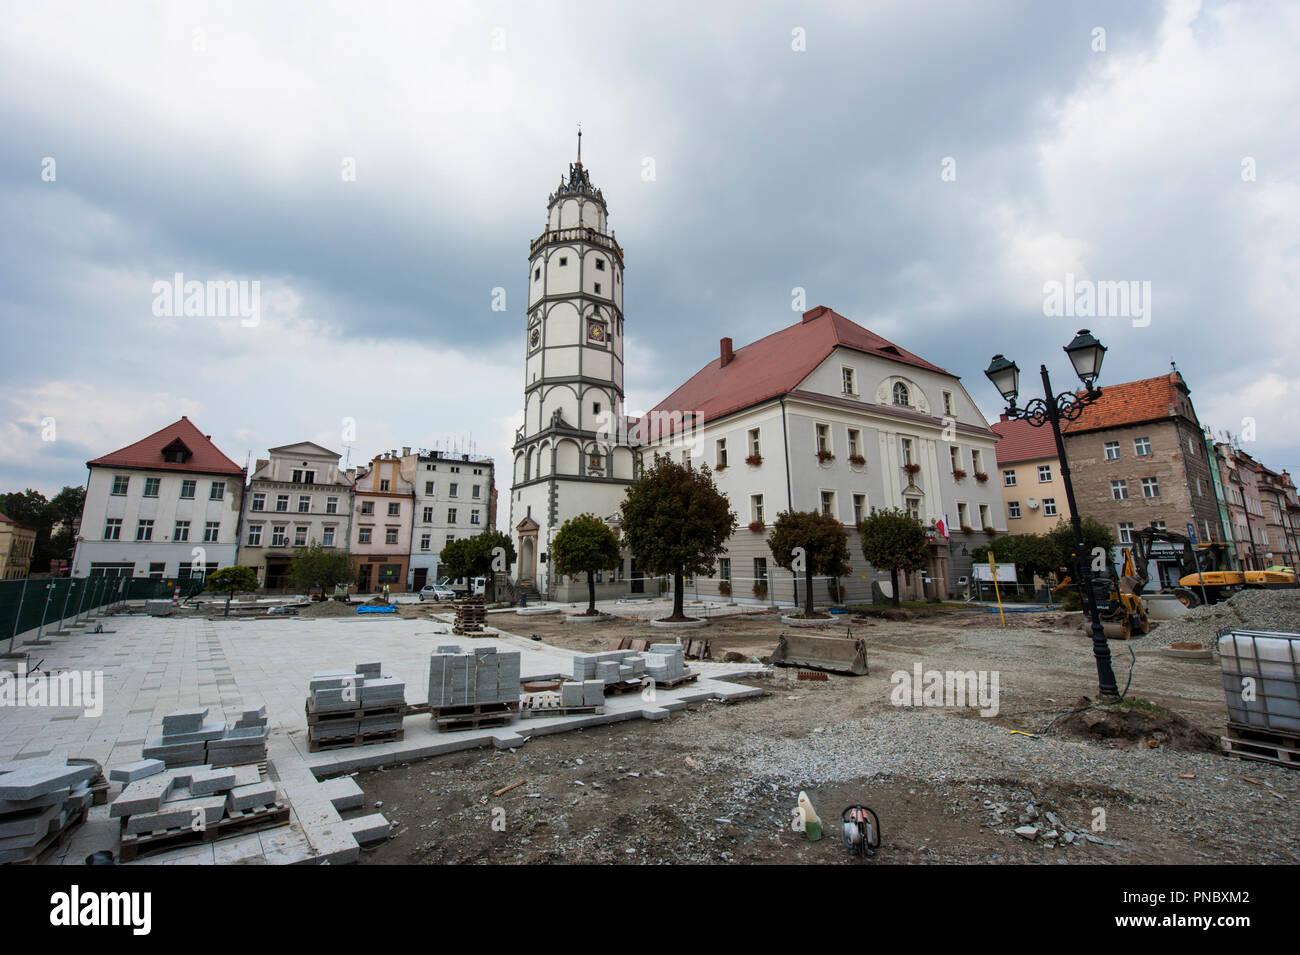 The town hall of Paczkow, southwestern Poland. Stock Photo